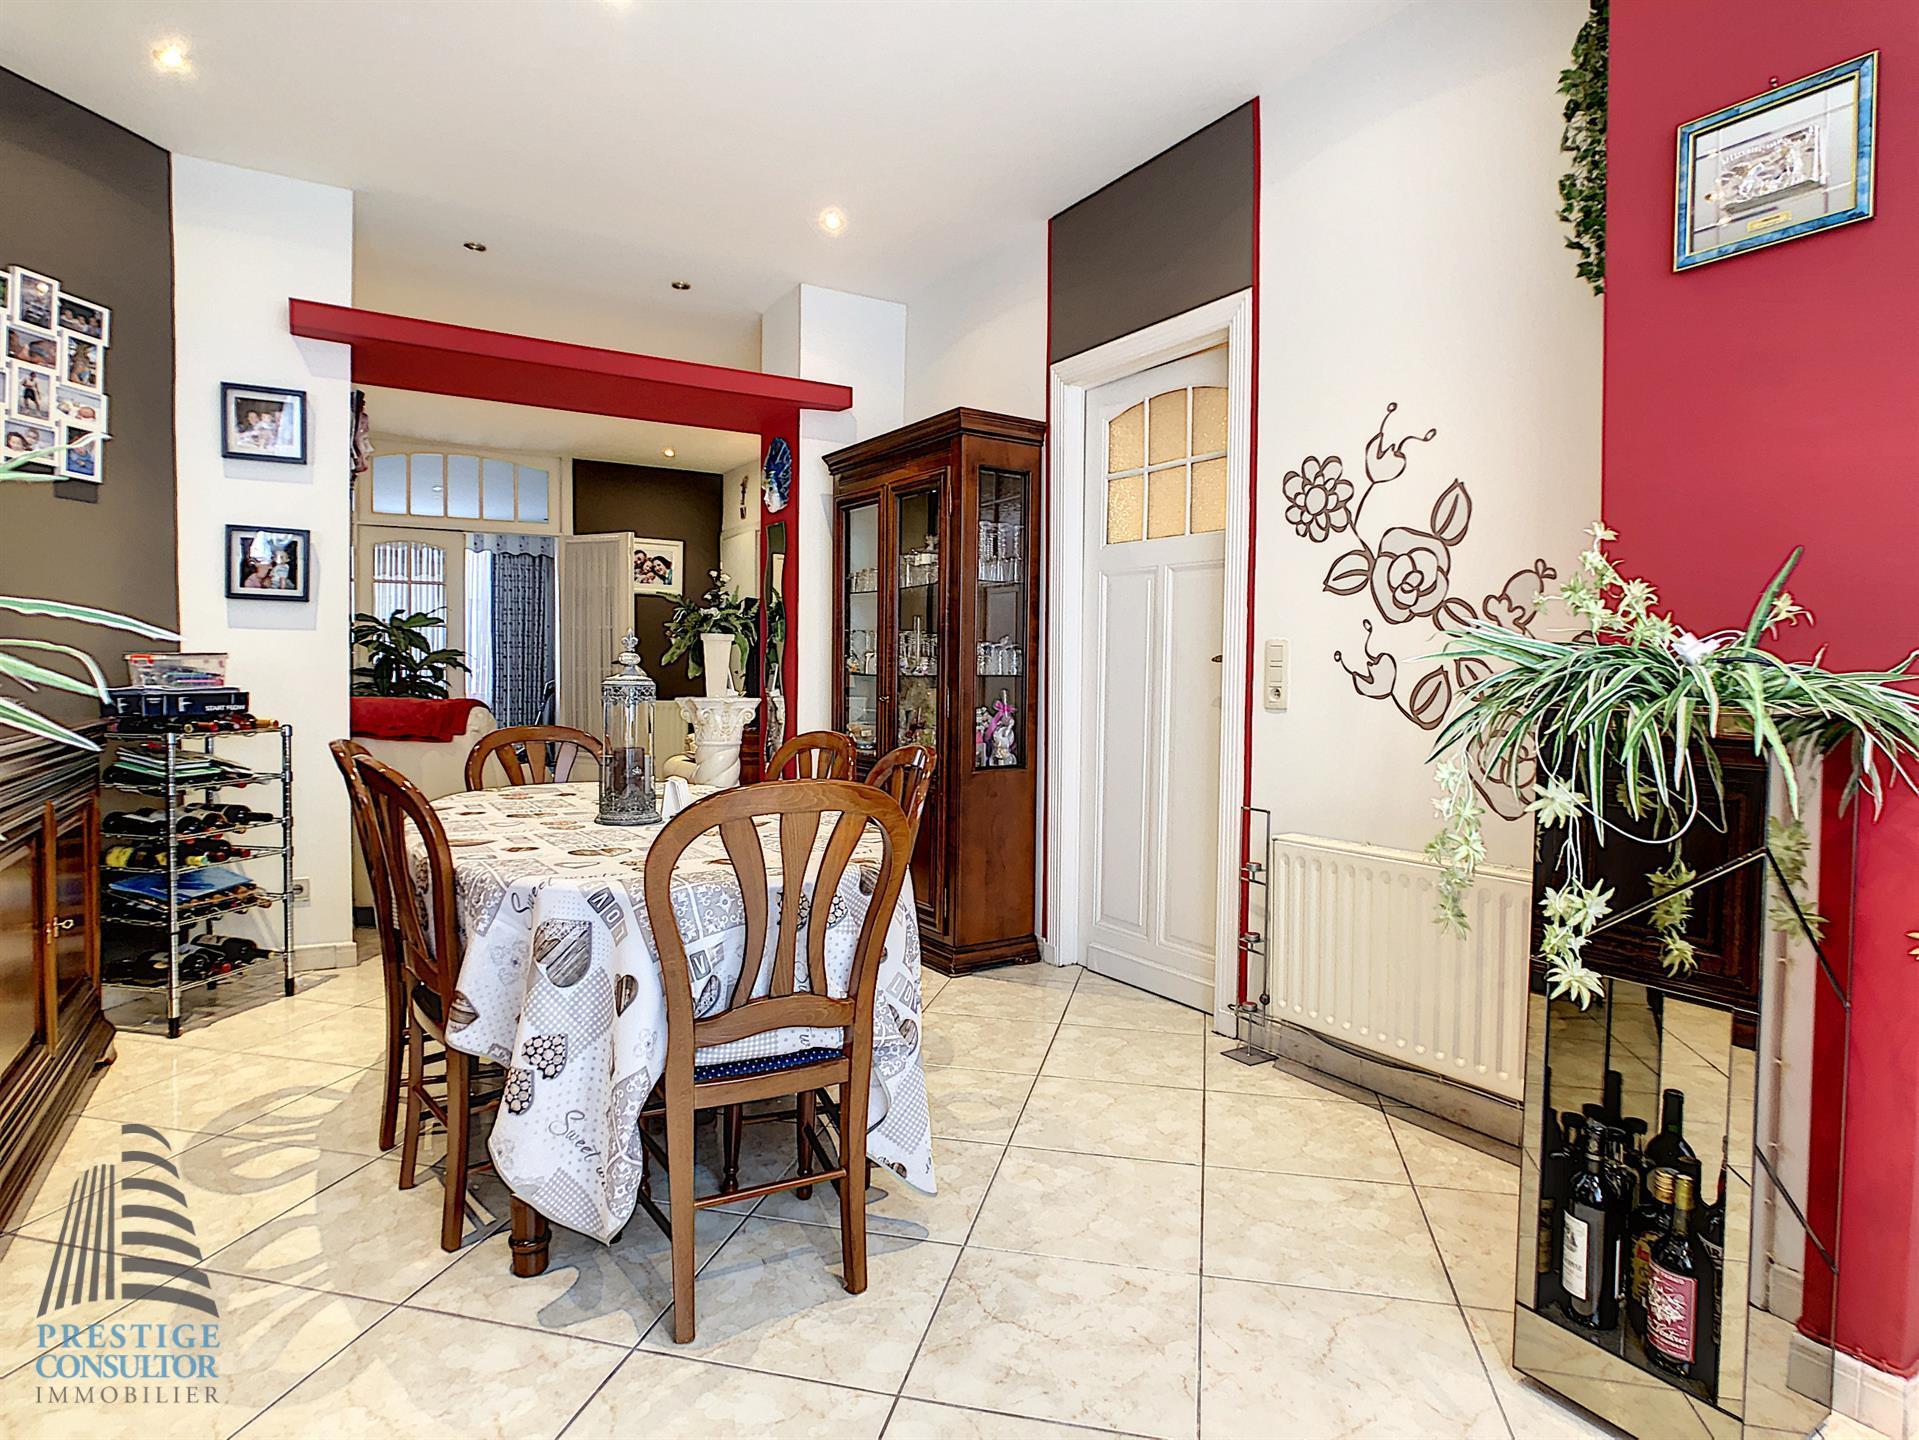 Appartement - Schaarbeek - #4063307-6